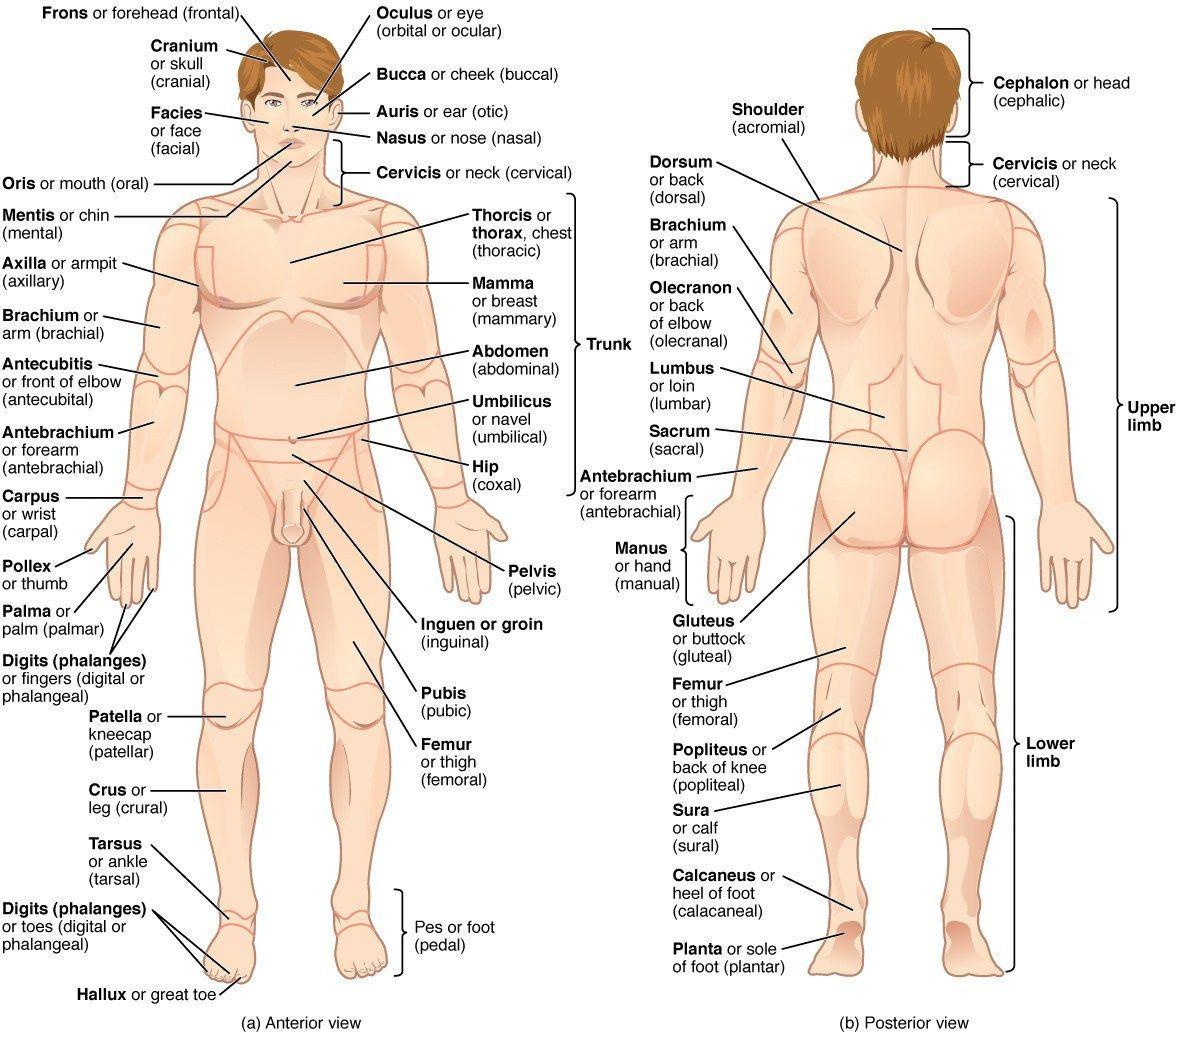 Nombre intemporal de las partes internas del cuerpo en hindi e inglés  Nombre de los músculos del cuerpo co… nel 2020 | Corpo umano, Anatomia del  corpo, Anatomia e fisiologia